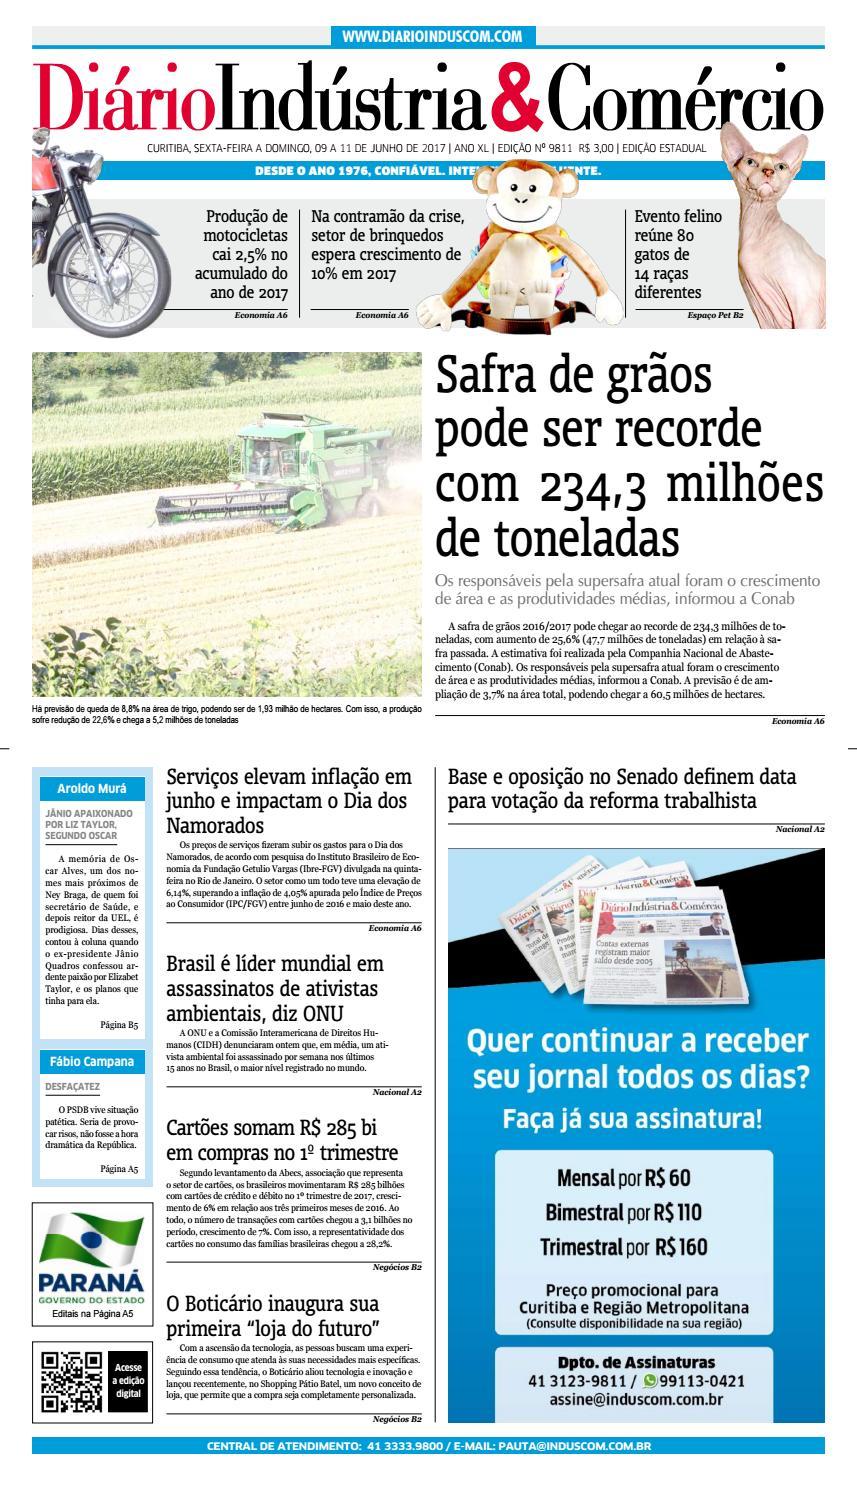 Diário Indústria Comércio - 09 de junho de 2017 by Diário Indústria    Comércio - issuu 5de8ef4168241